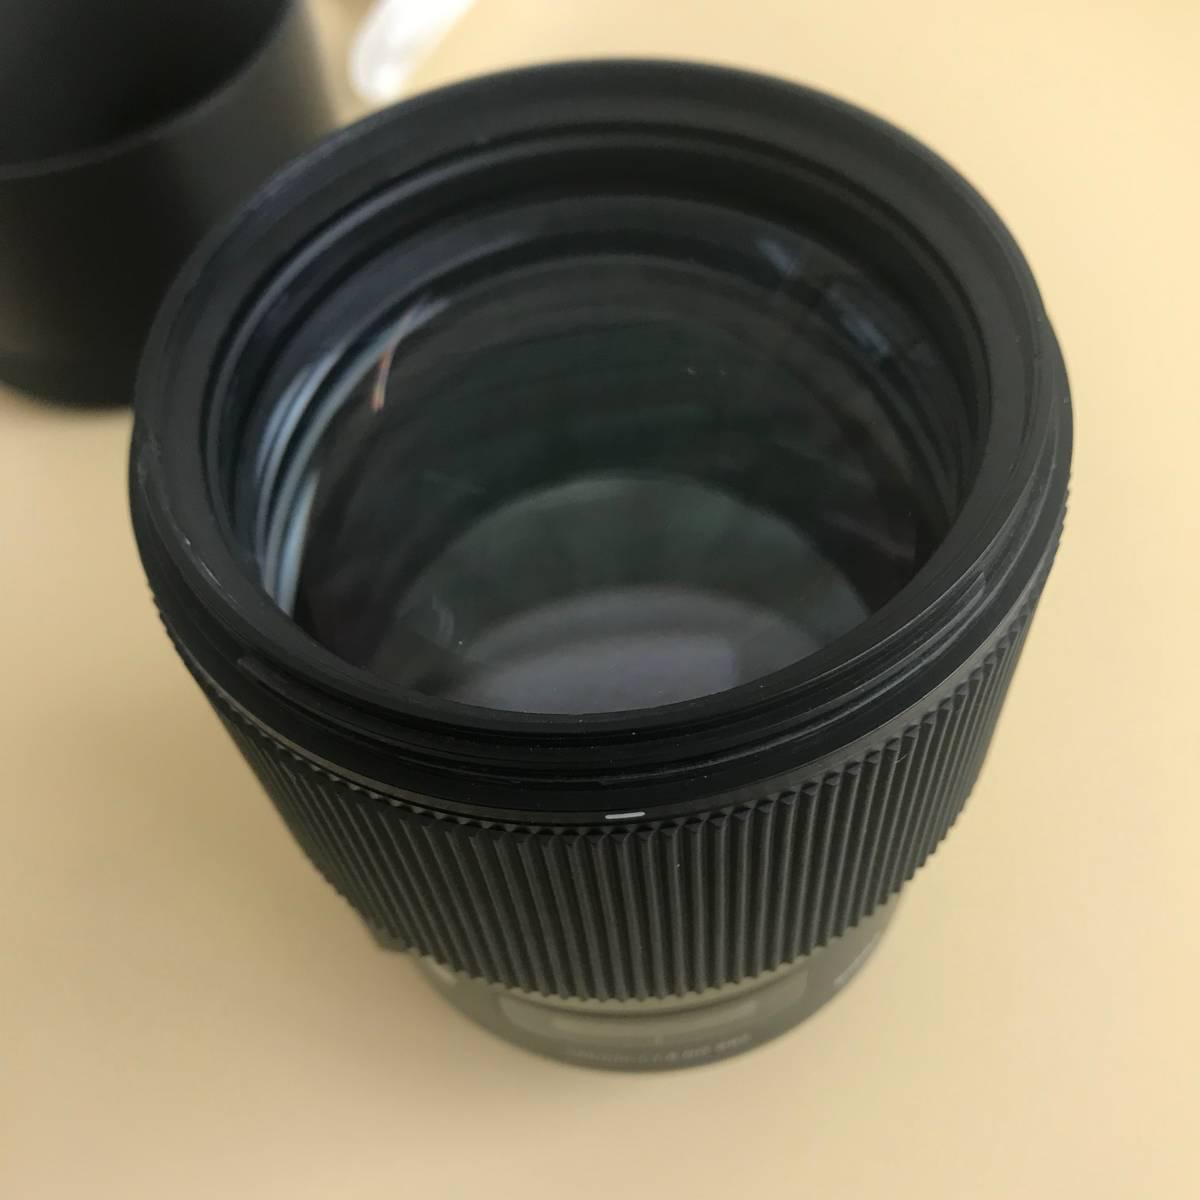 SIGMA シグマ 135mm f1.8 DG HSM Canon用_画像4